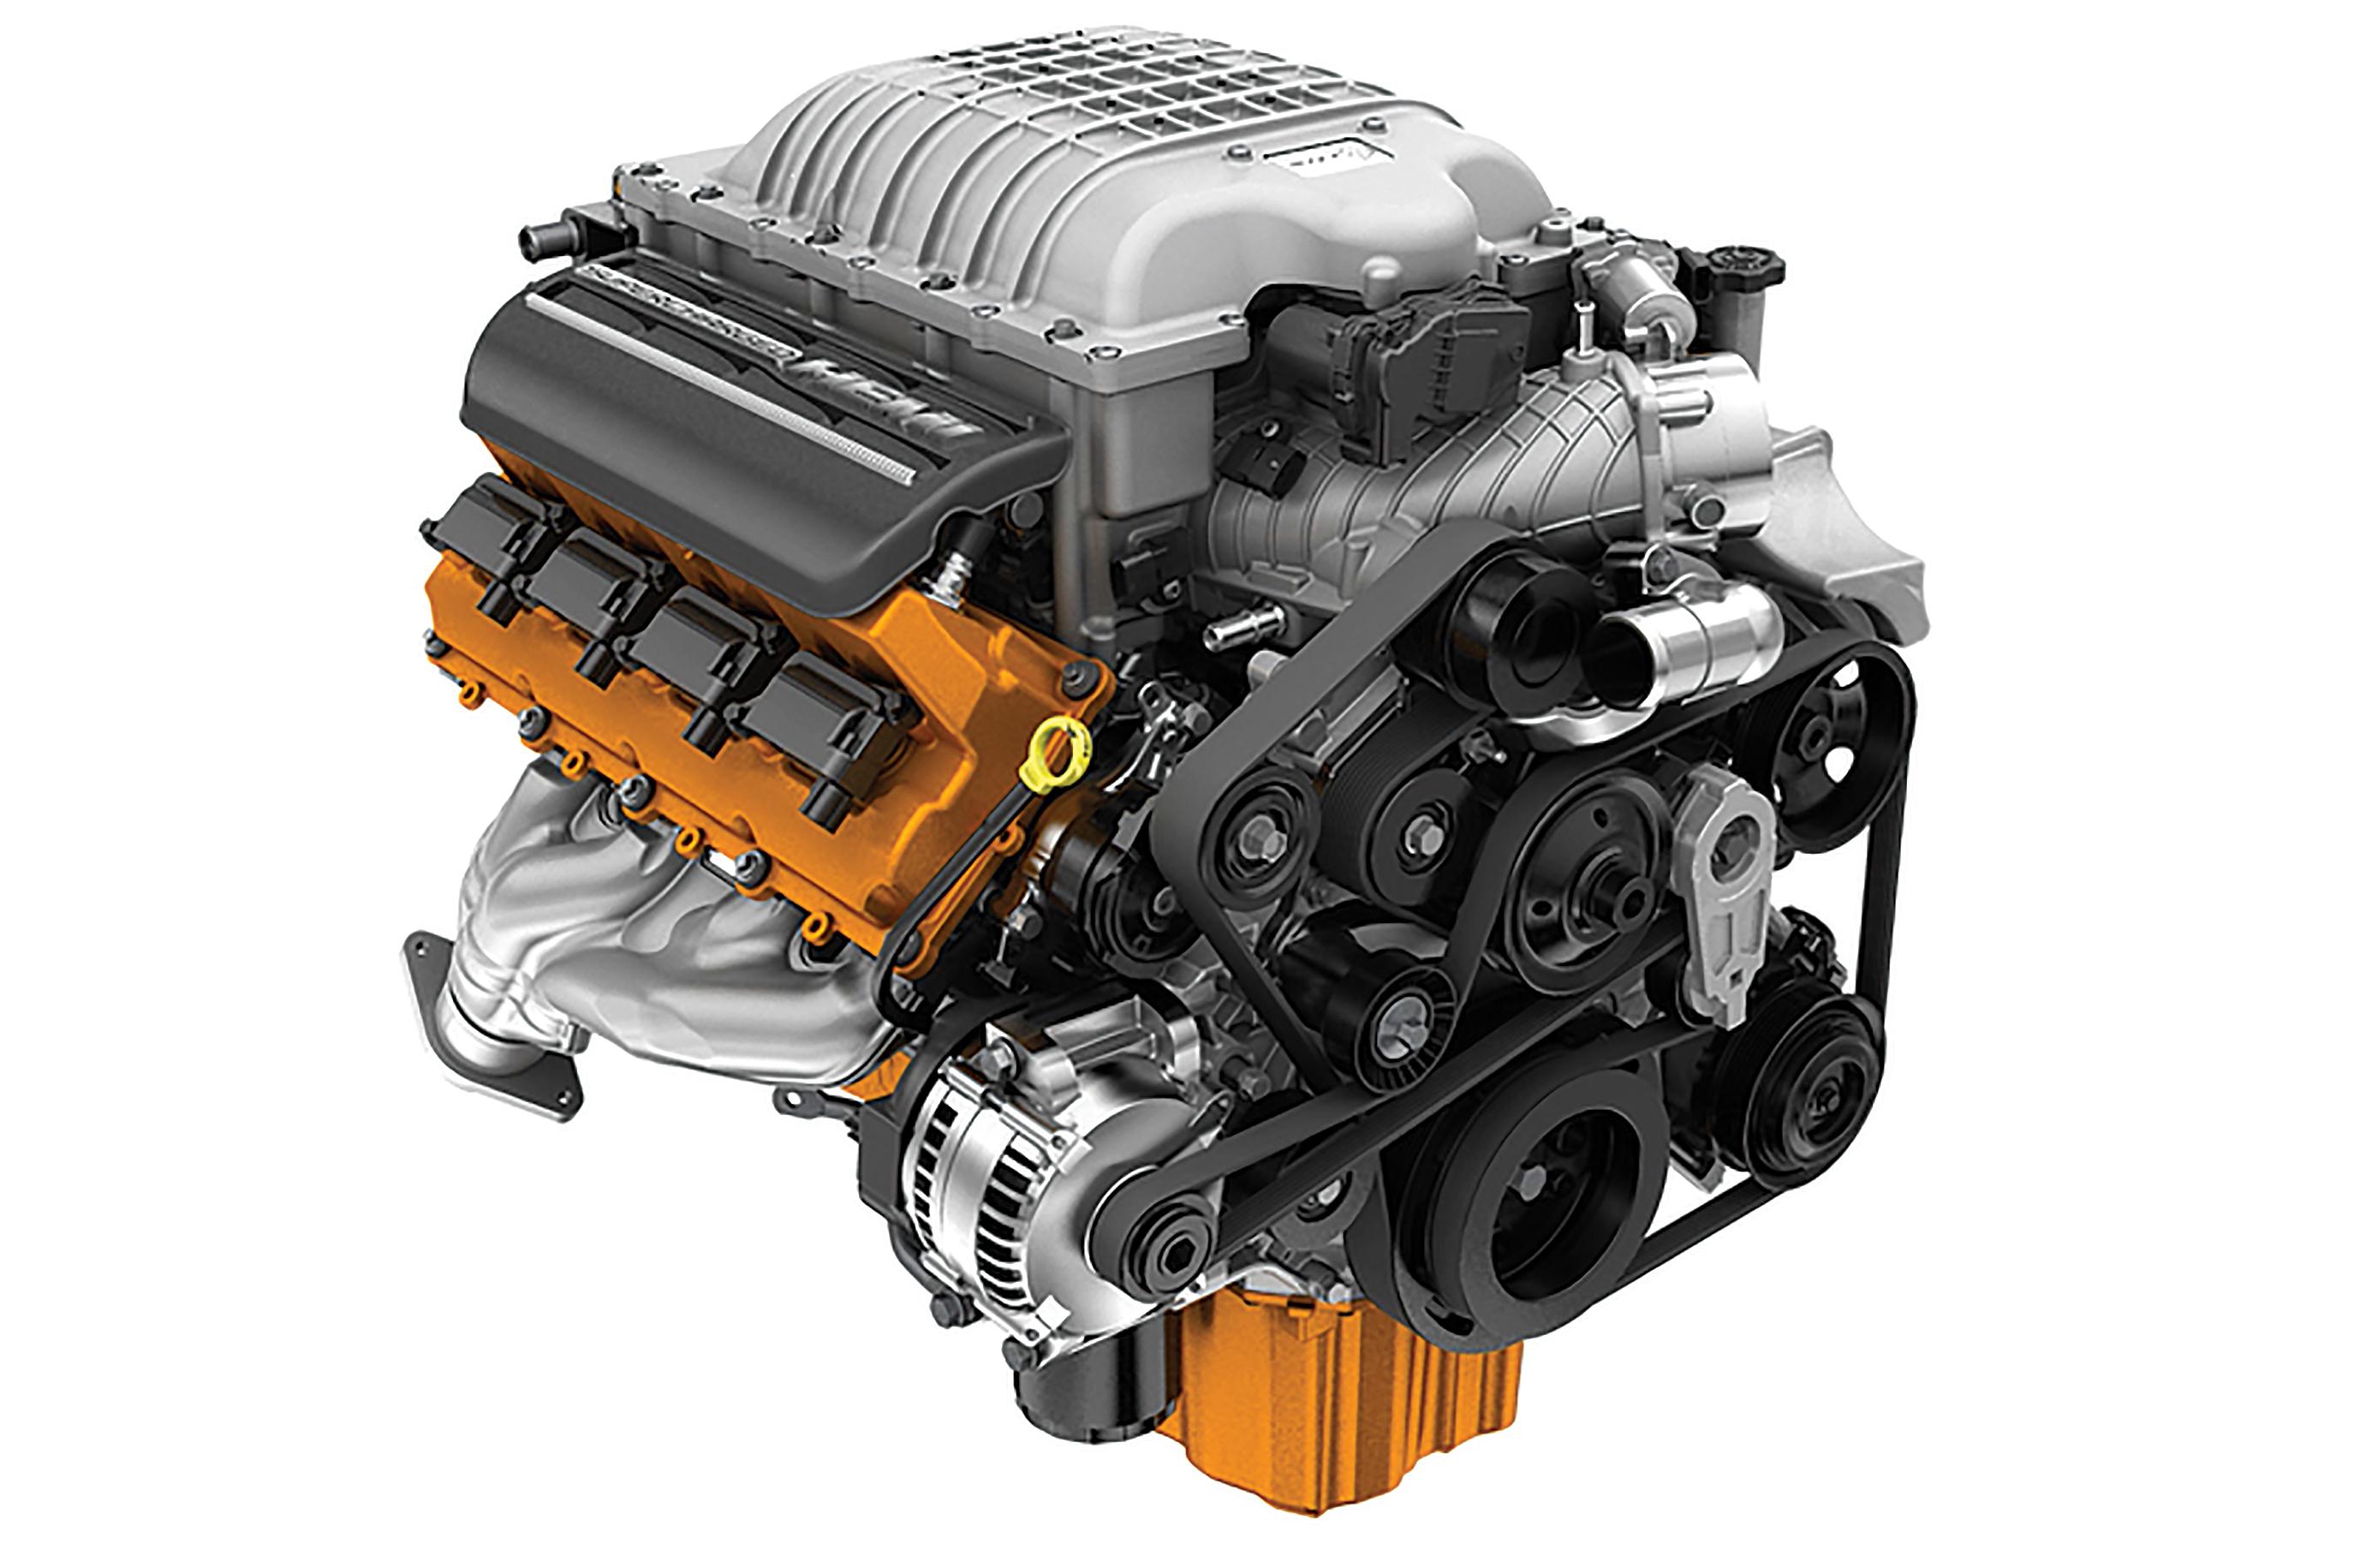 6.2l-hellcat-hemi-v8-engine-accessory-belt-view_0.jpg